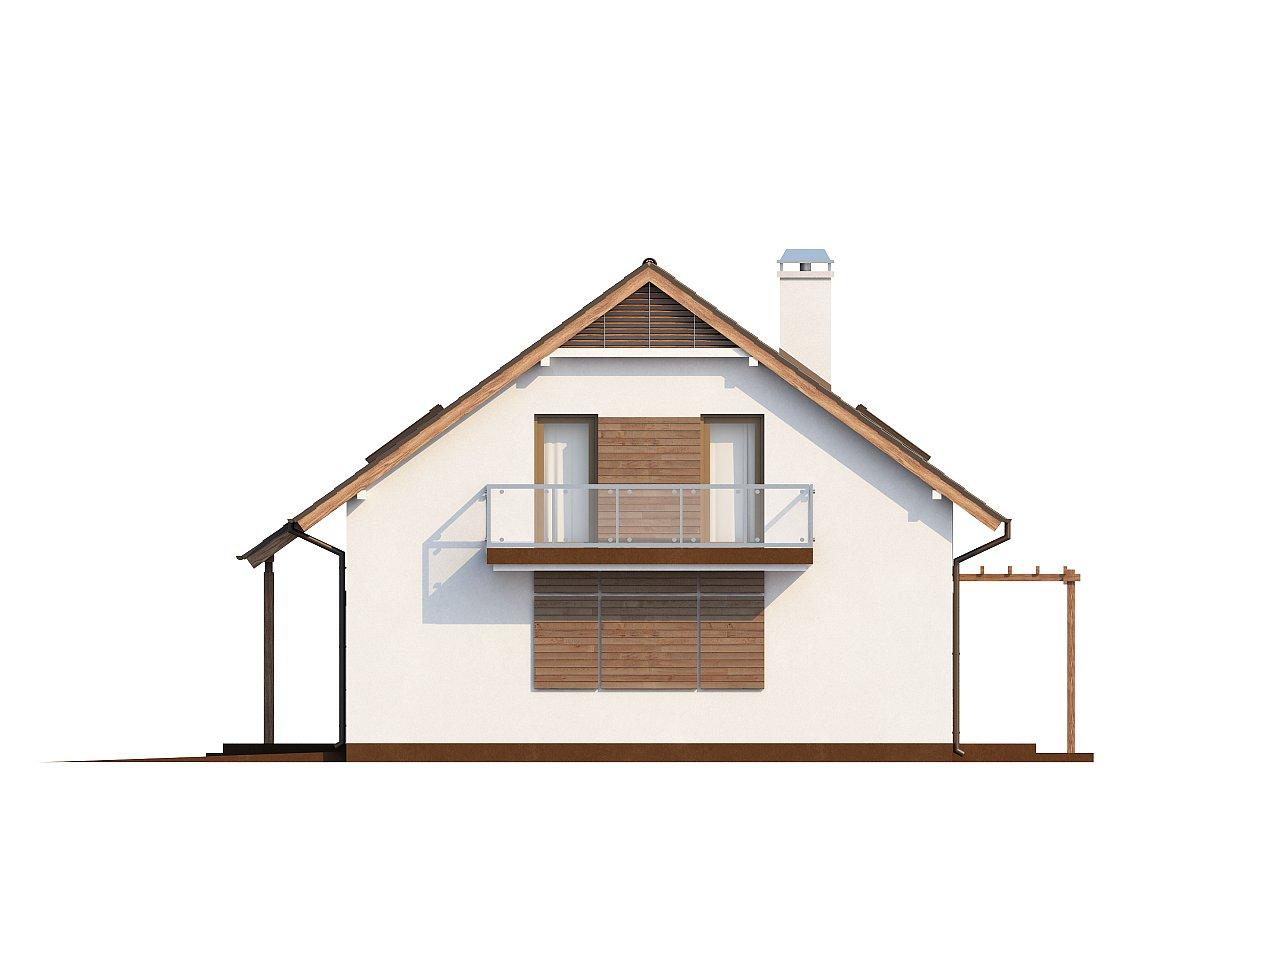 Практичный дом с мансардой, встроенным гаражом и дополнительной спальней на первом этаже. - фото 6